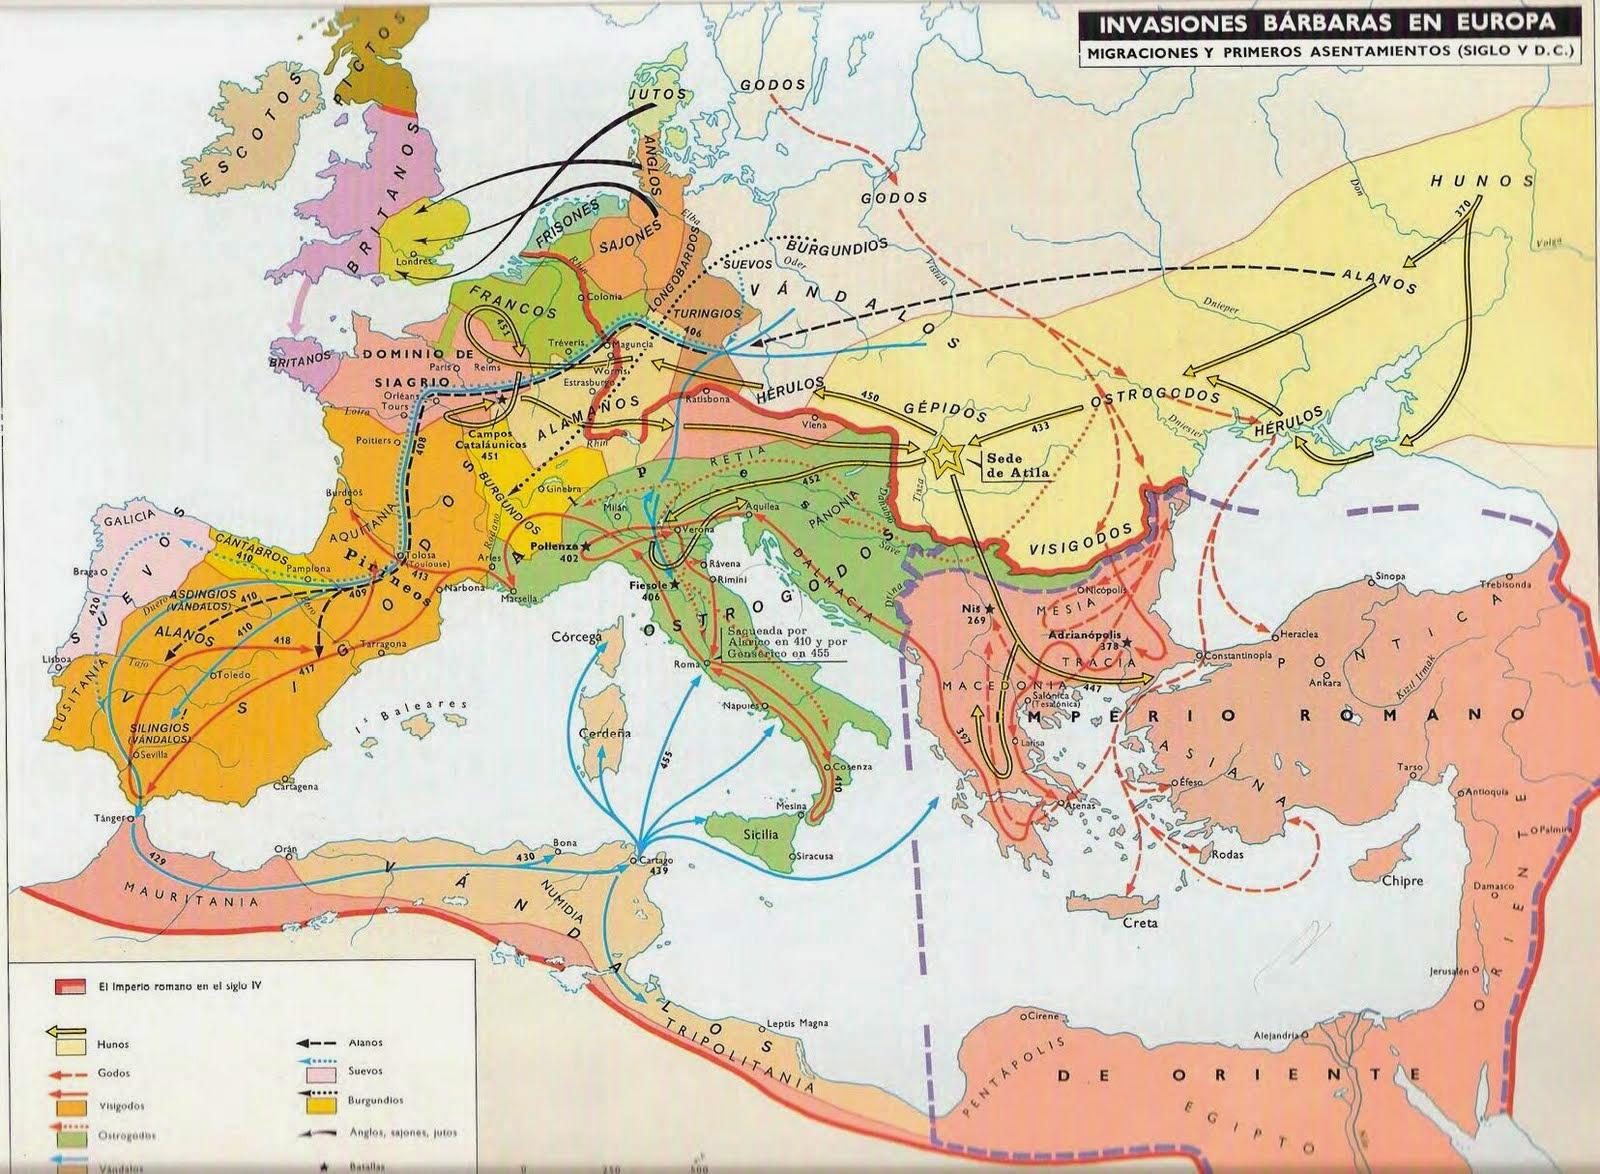 Invasiones Bárbaras en Europa